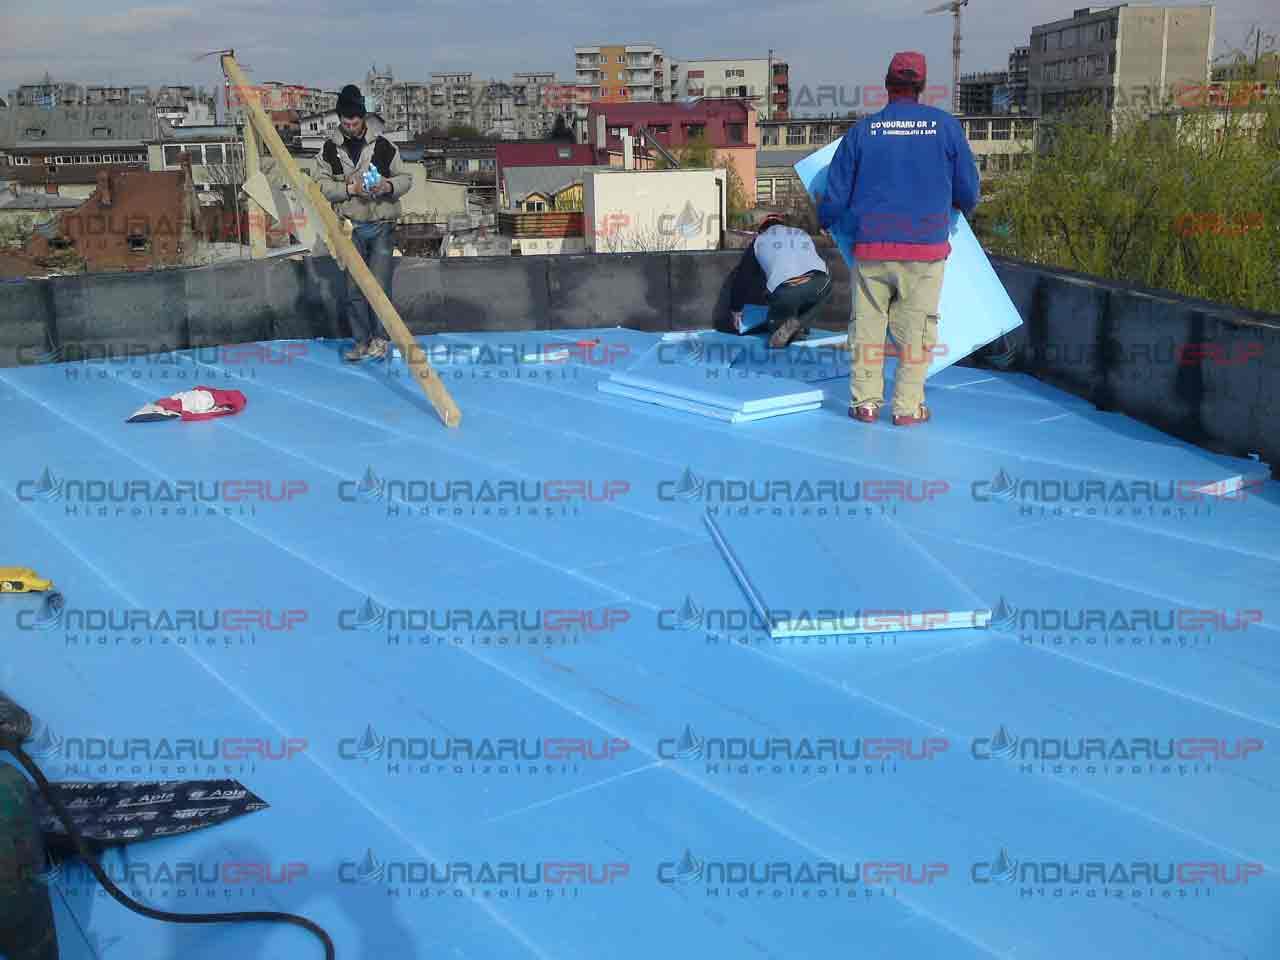 Constructii civile P+1 CONDURARU GRUP - Poza 9